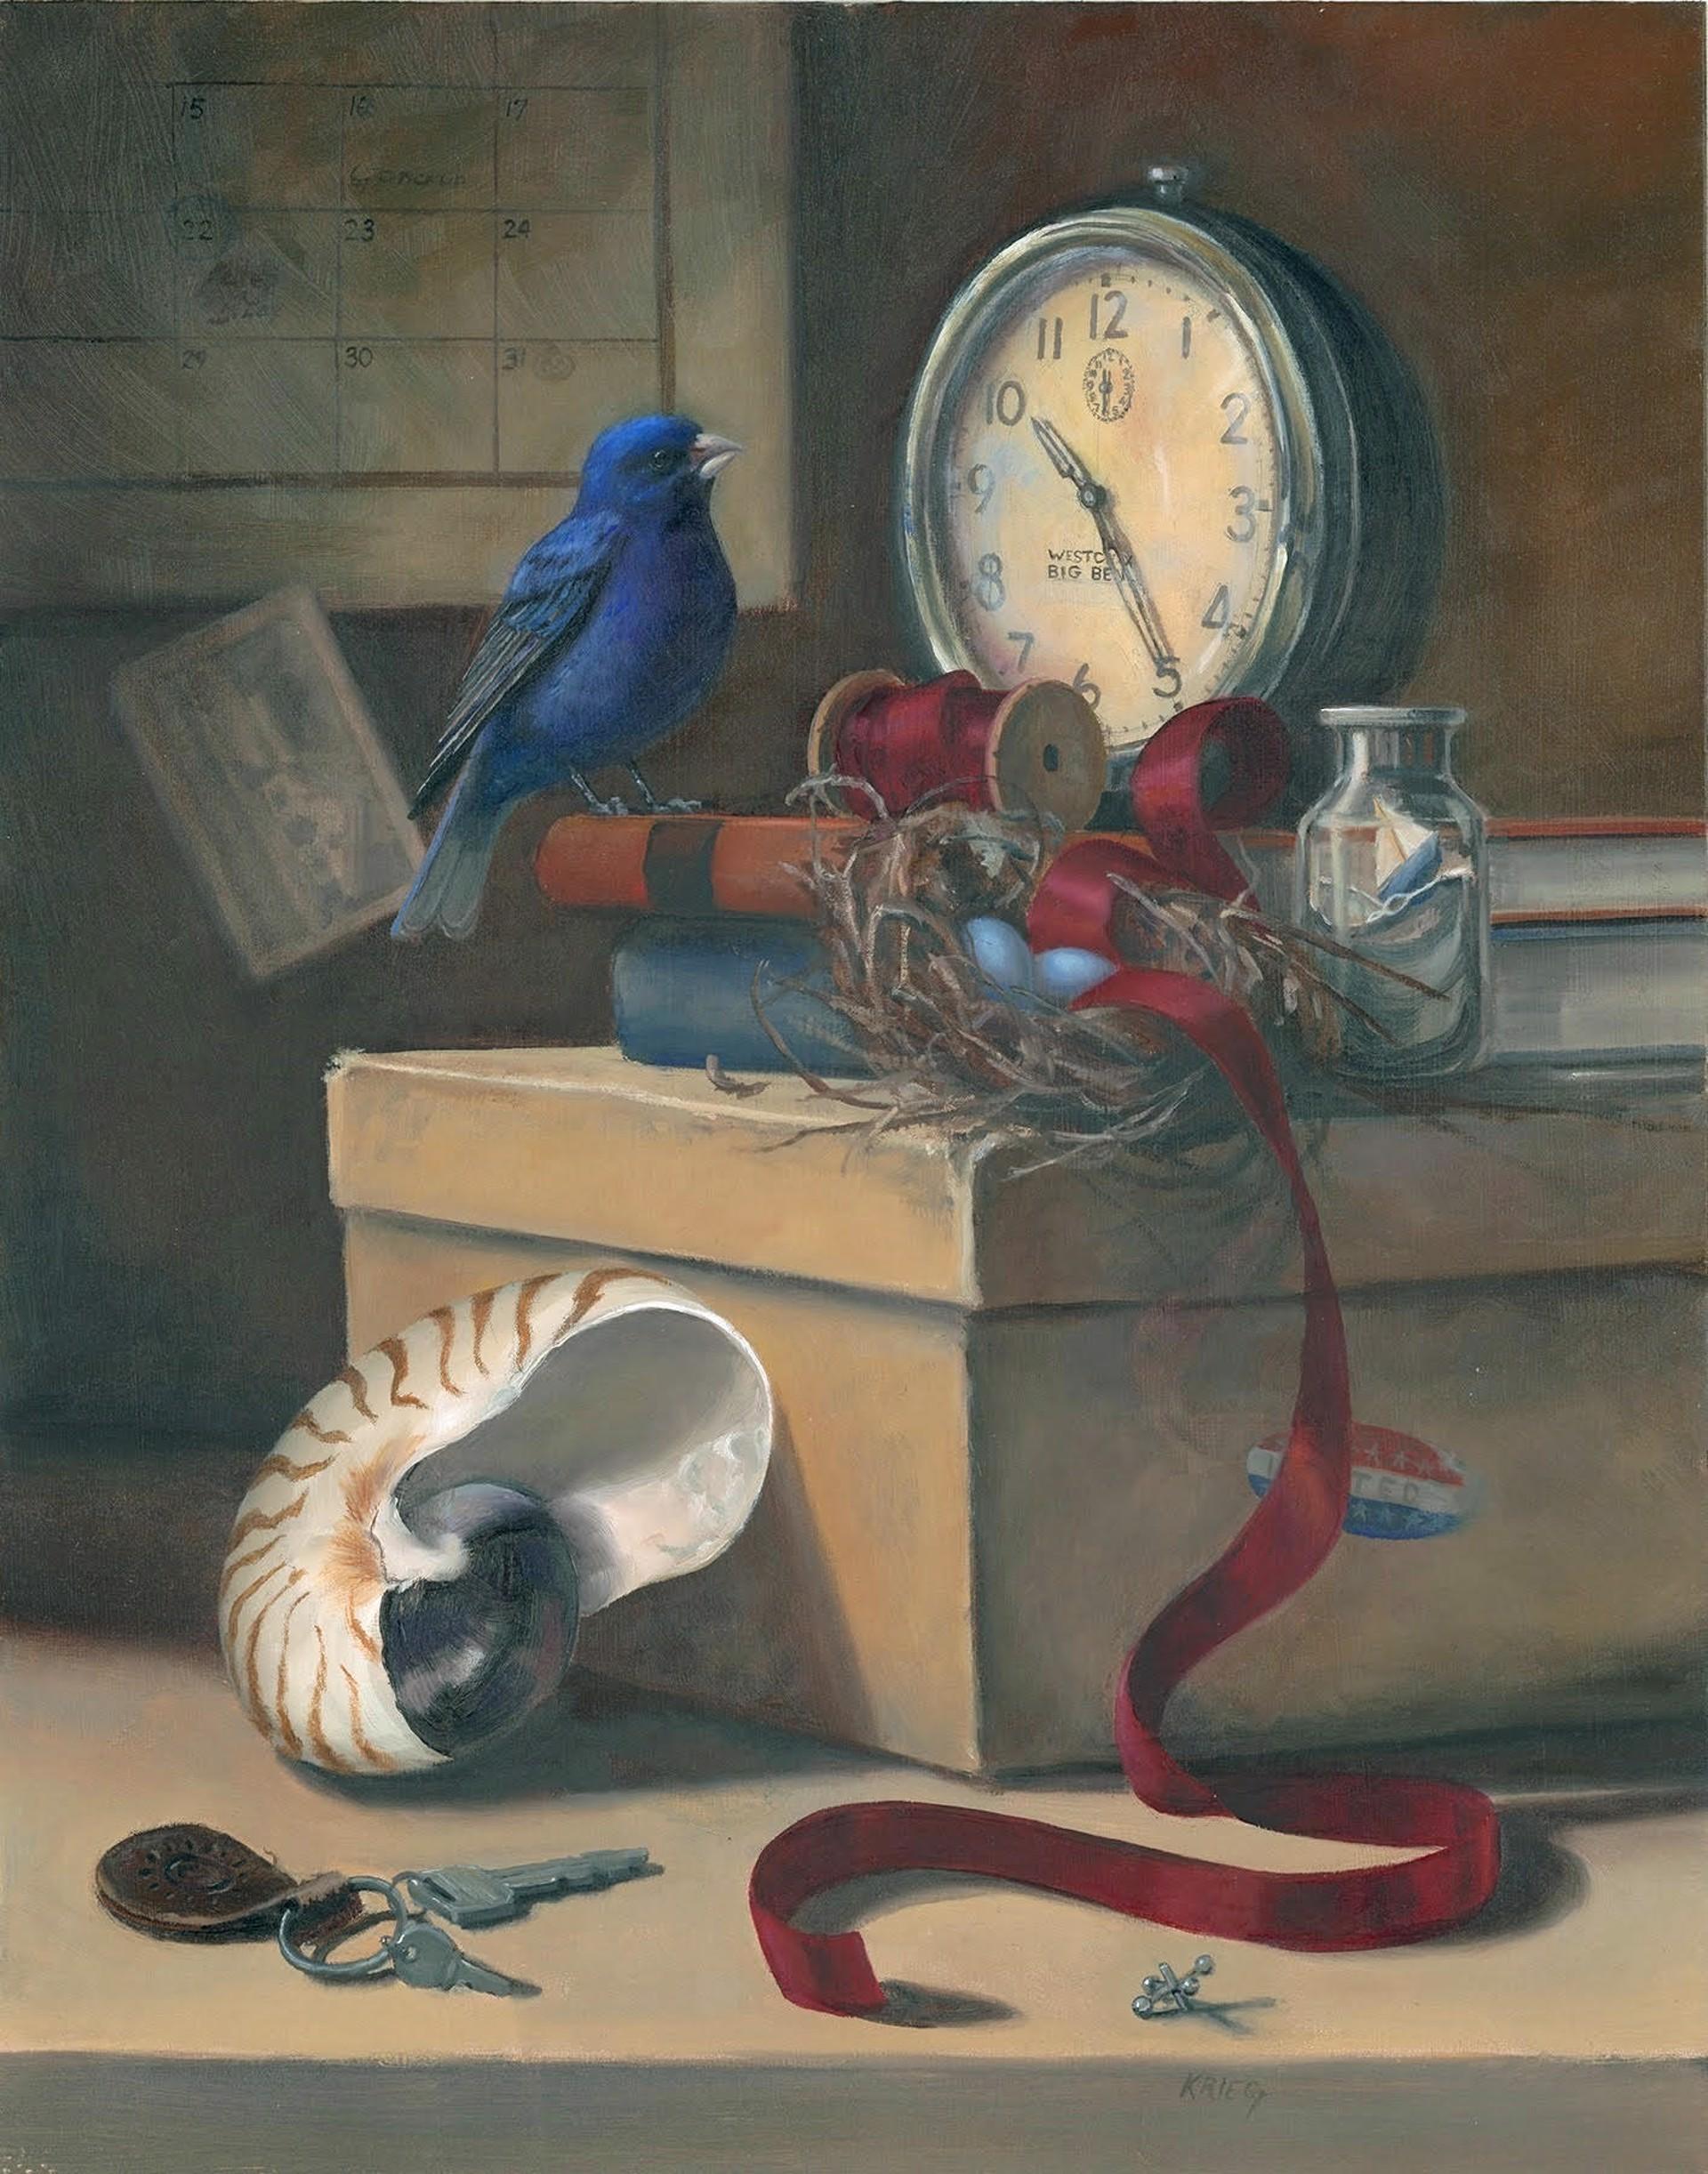 Time Capsule by Katharine Krieg